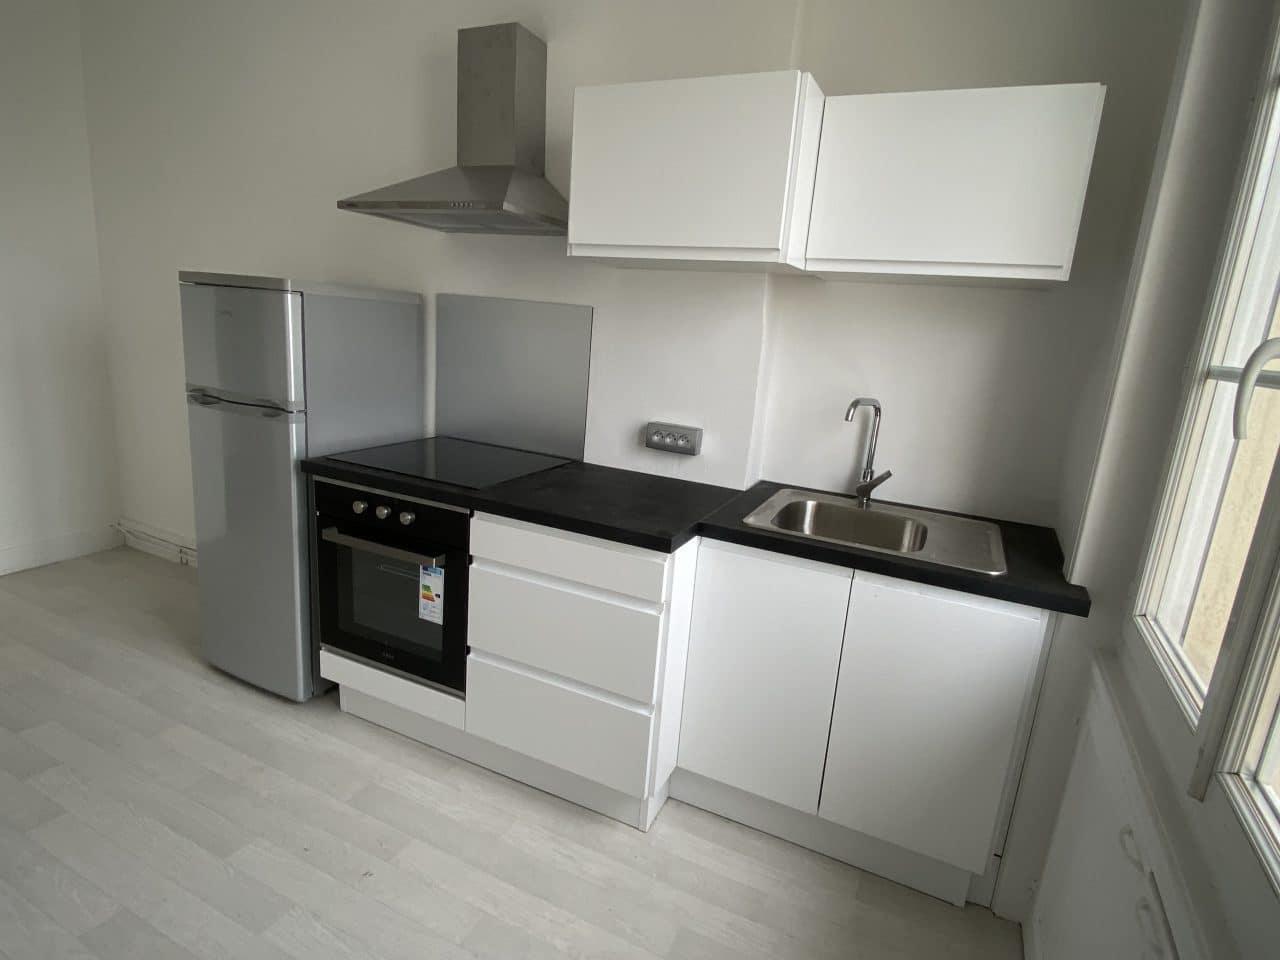 rénovation d'appartement pour du locatif à Saint-Étienne - cuisine